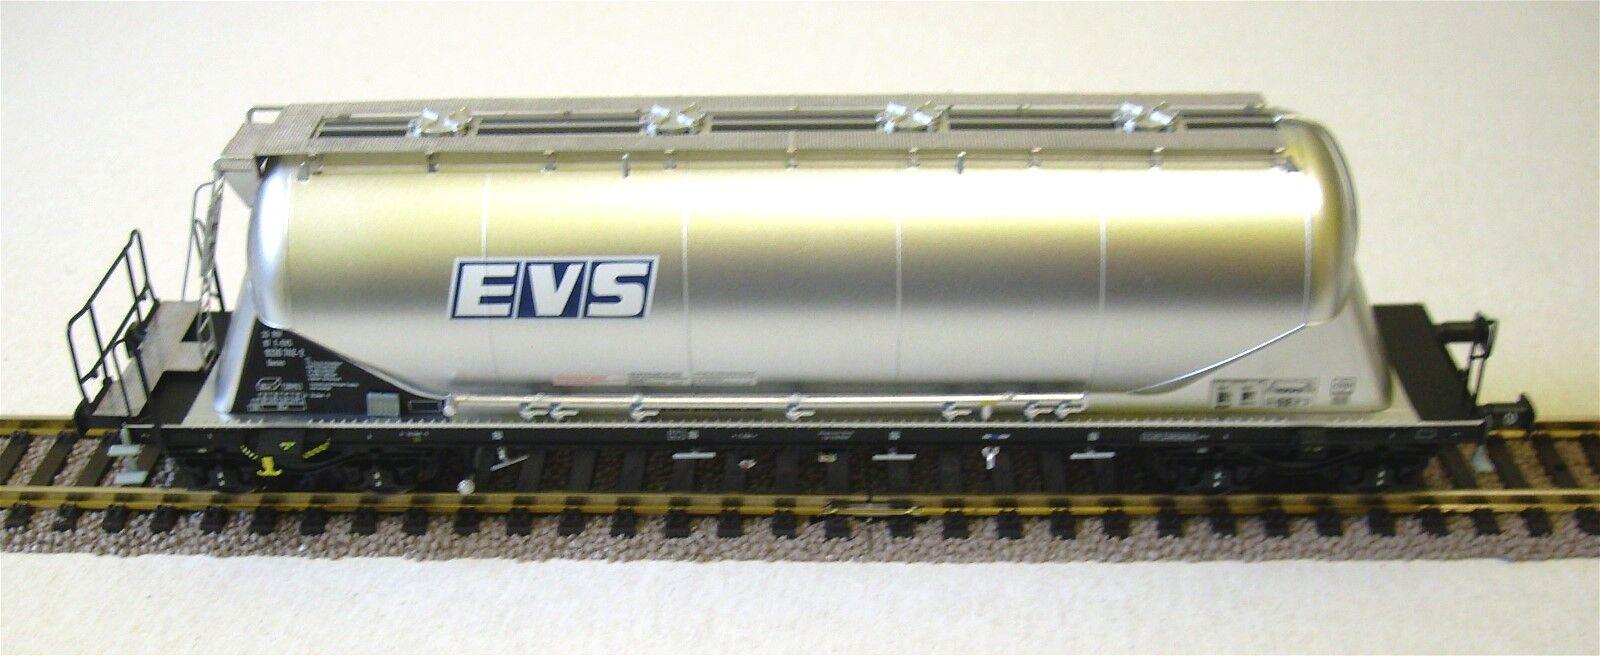 NME 503851  staubsilowagen EVs, 82m³, pista h0, AC